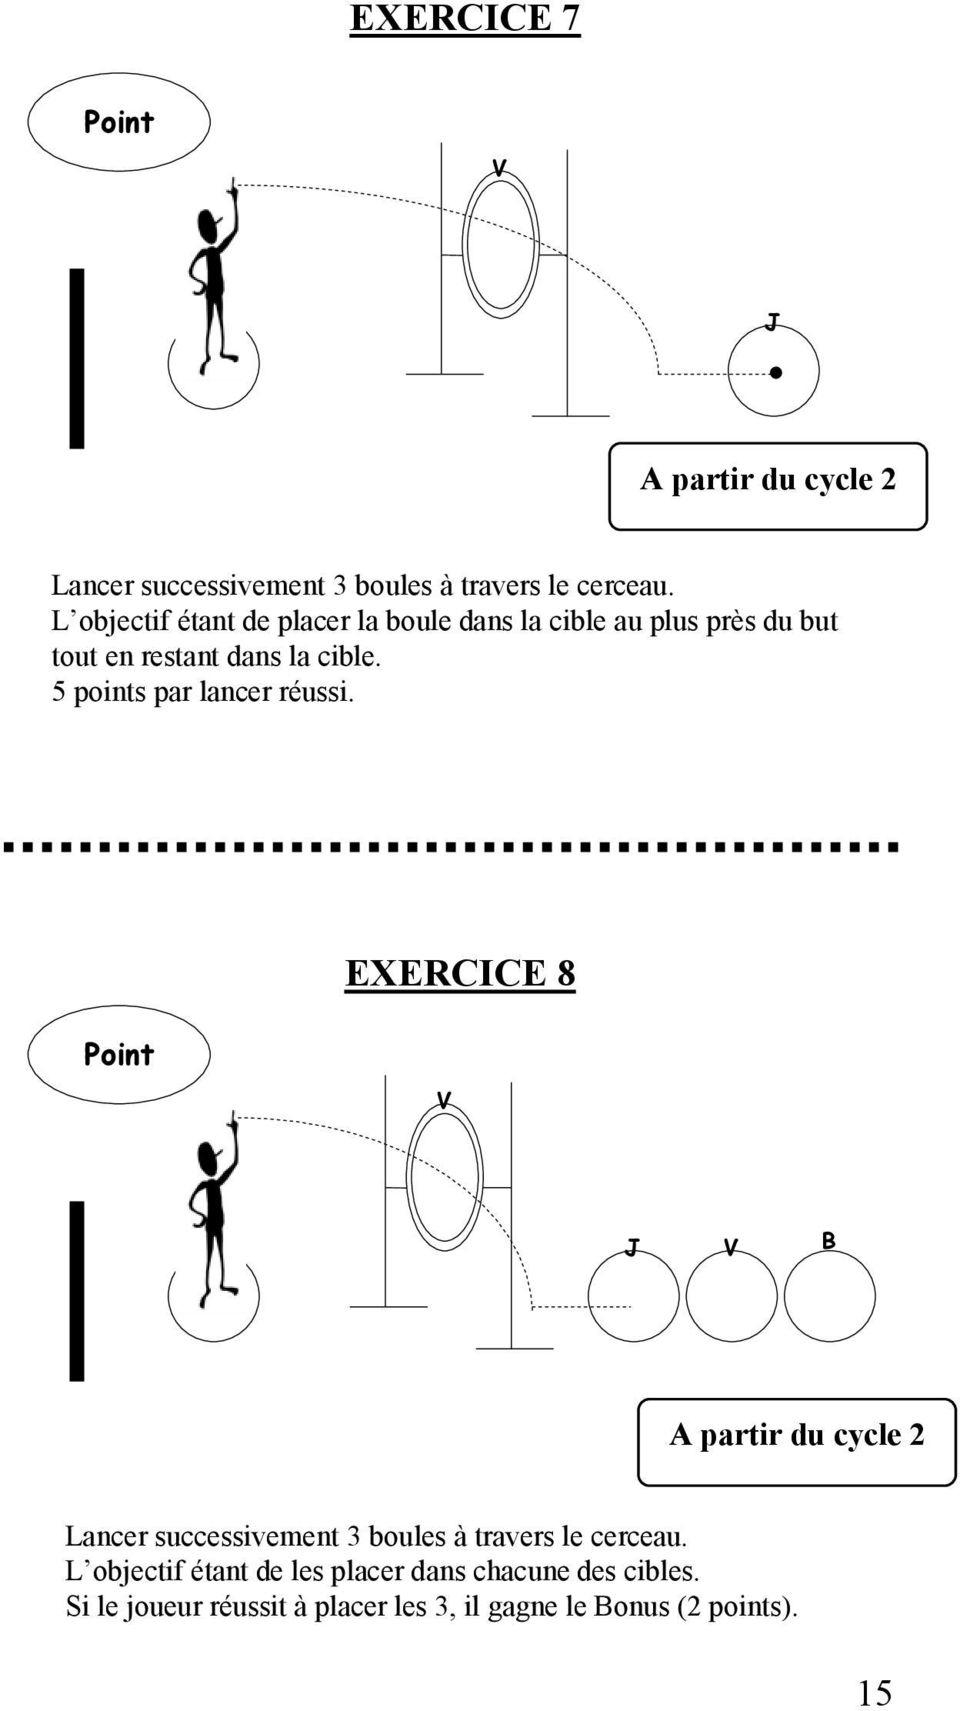 86 Exercices De Pétanque Pour Tous Niveaux - Pdf à Exercice Ludique